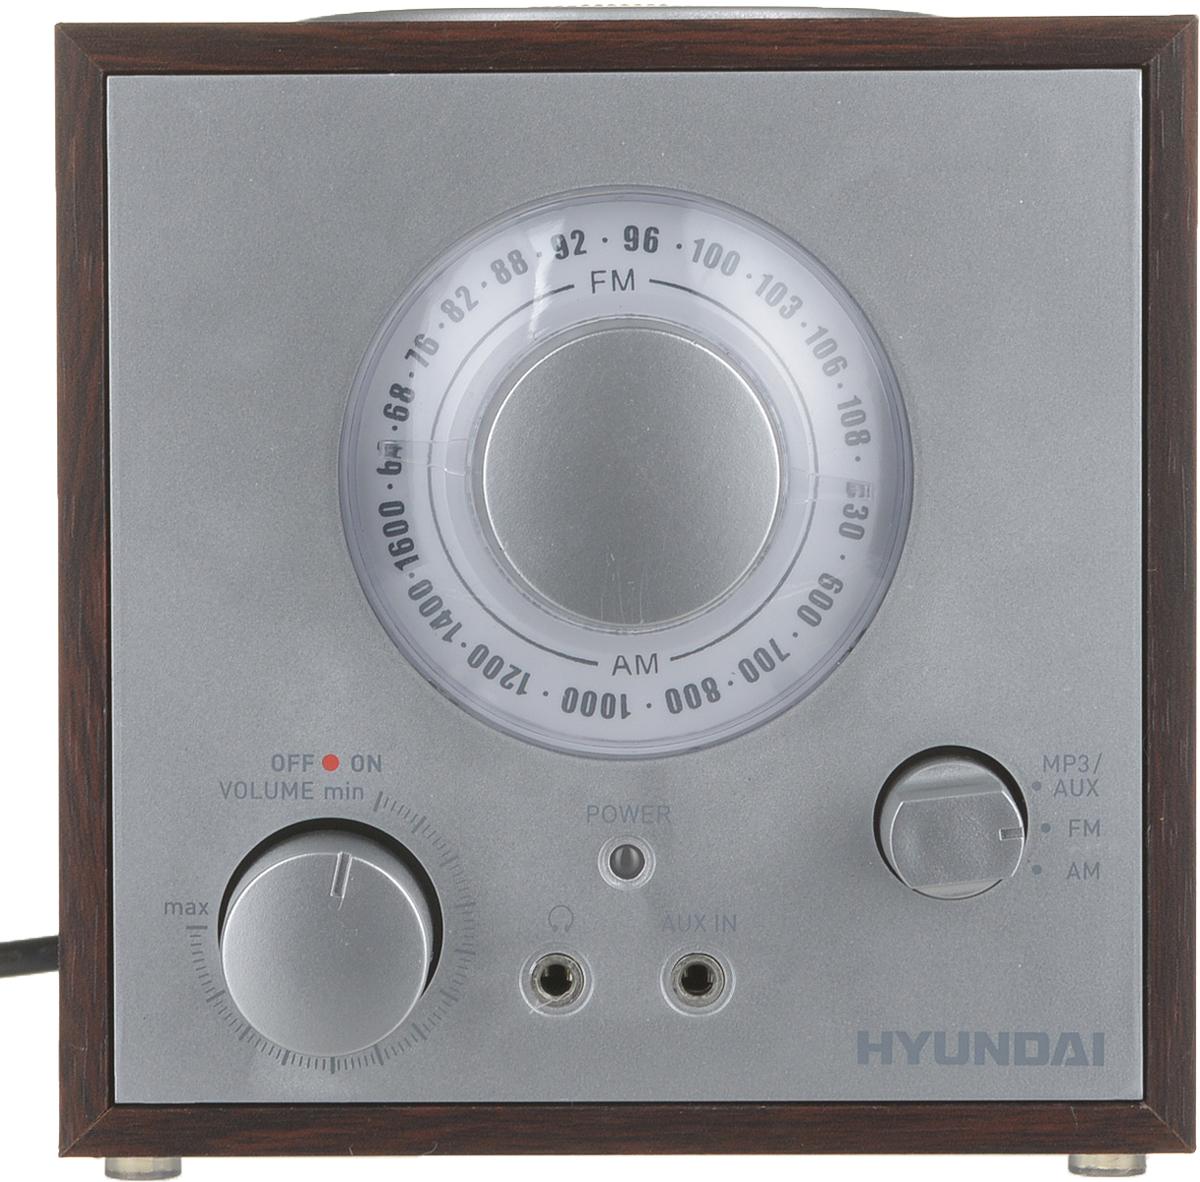 Hyundai H-SRS200 радиоприемник hyundai h srs220 вишня